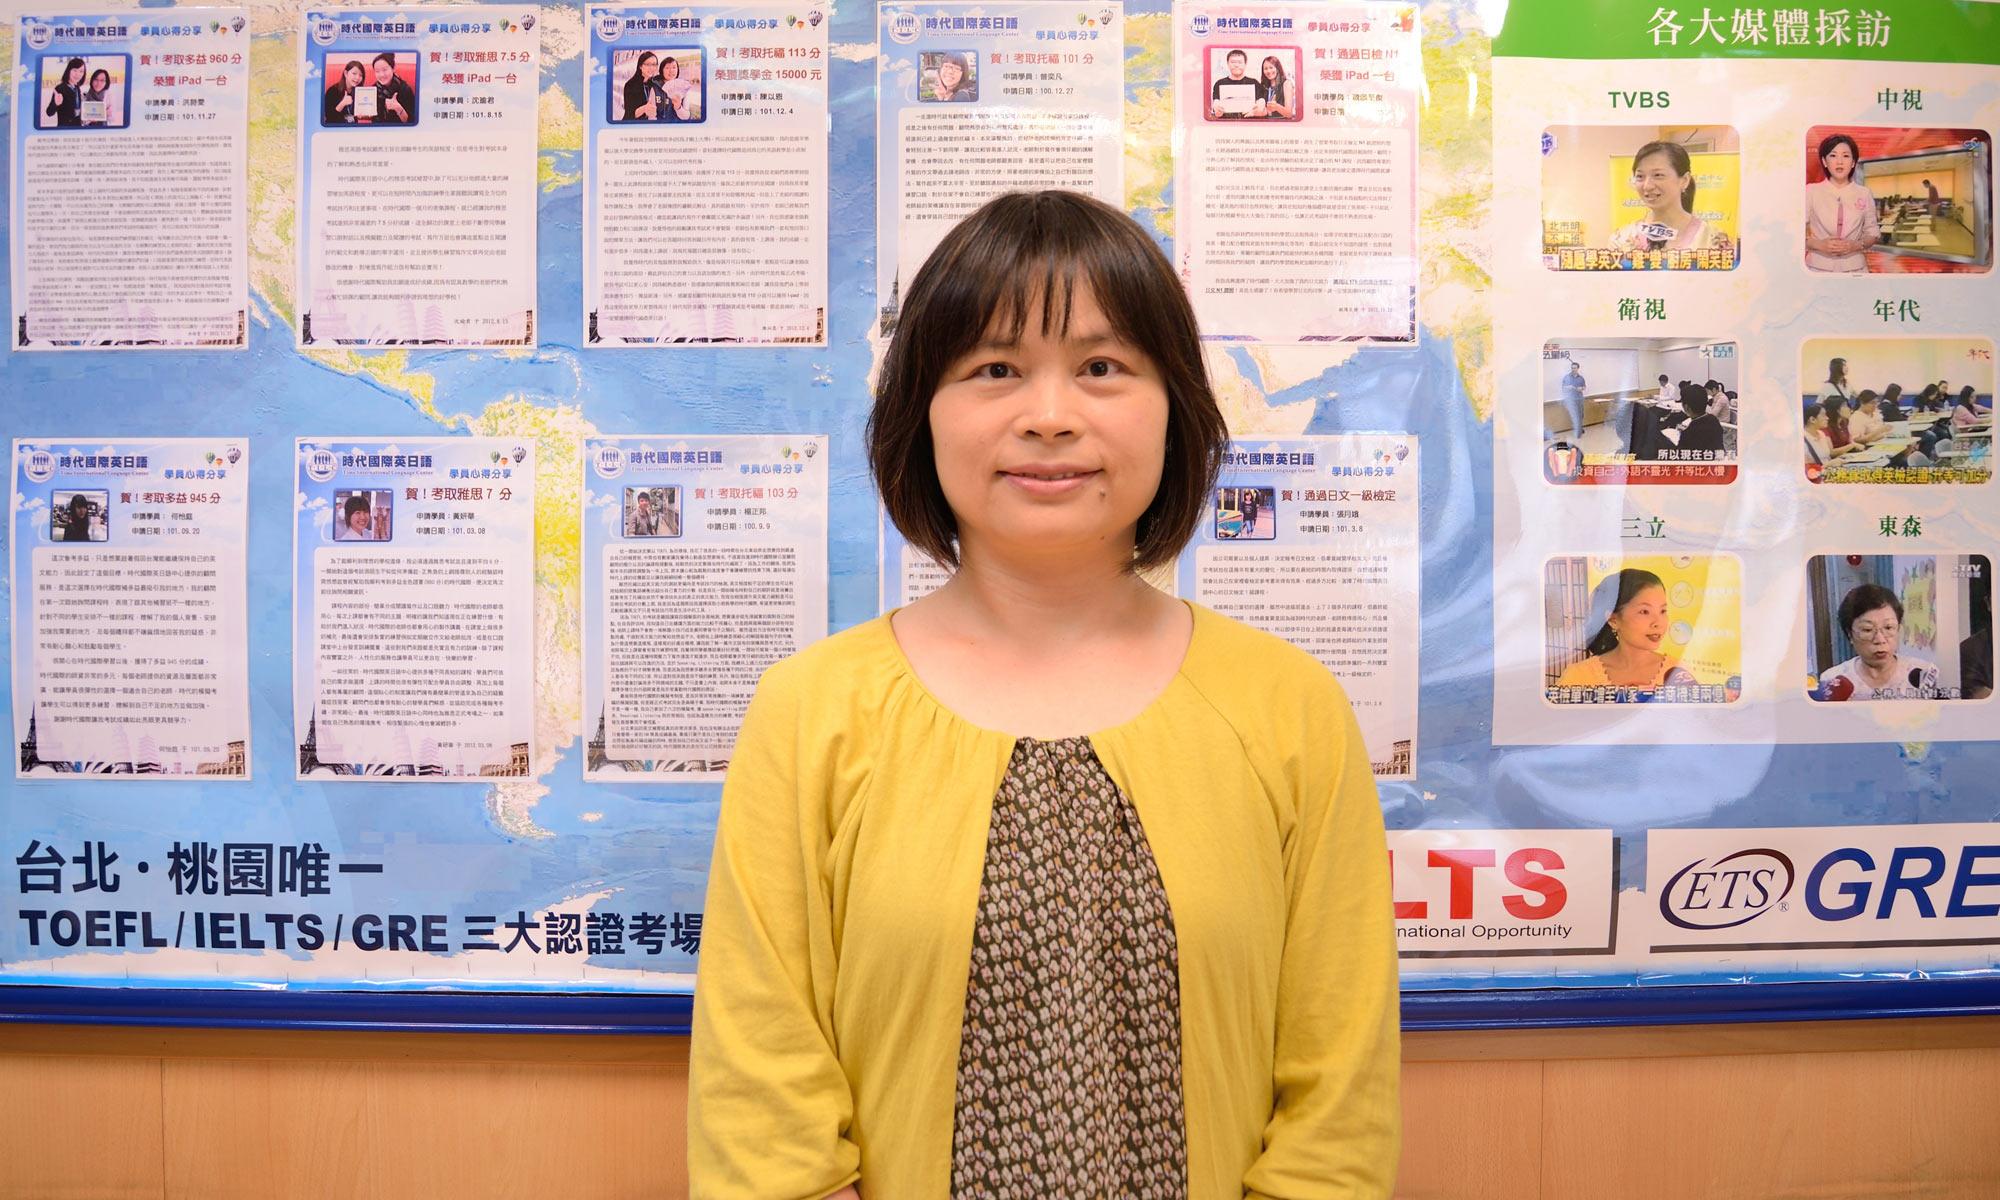 自學日文好?還是補日文好? 跟著時代國際的腳步,輕鬆入手N1